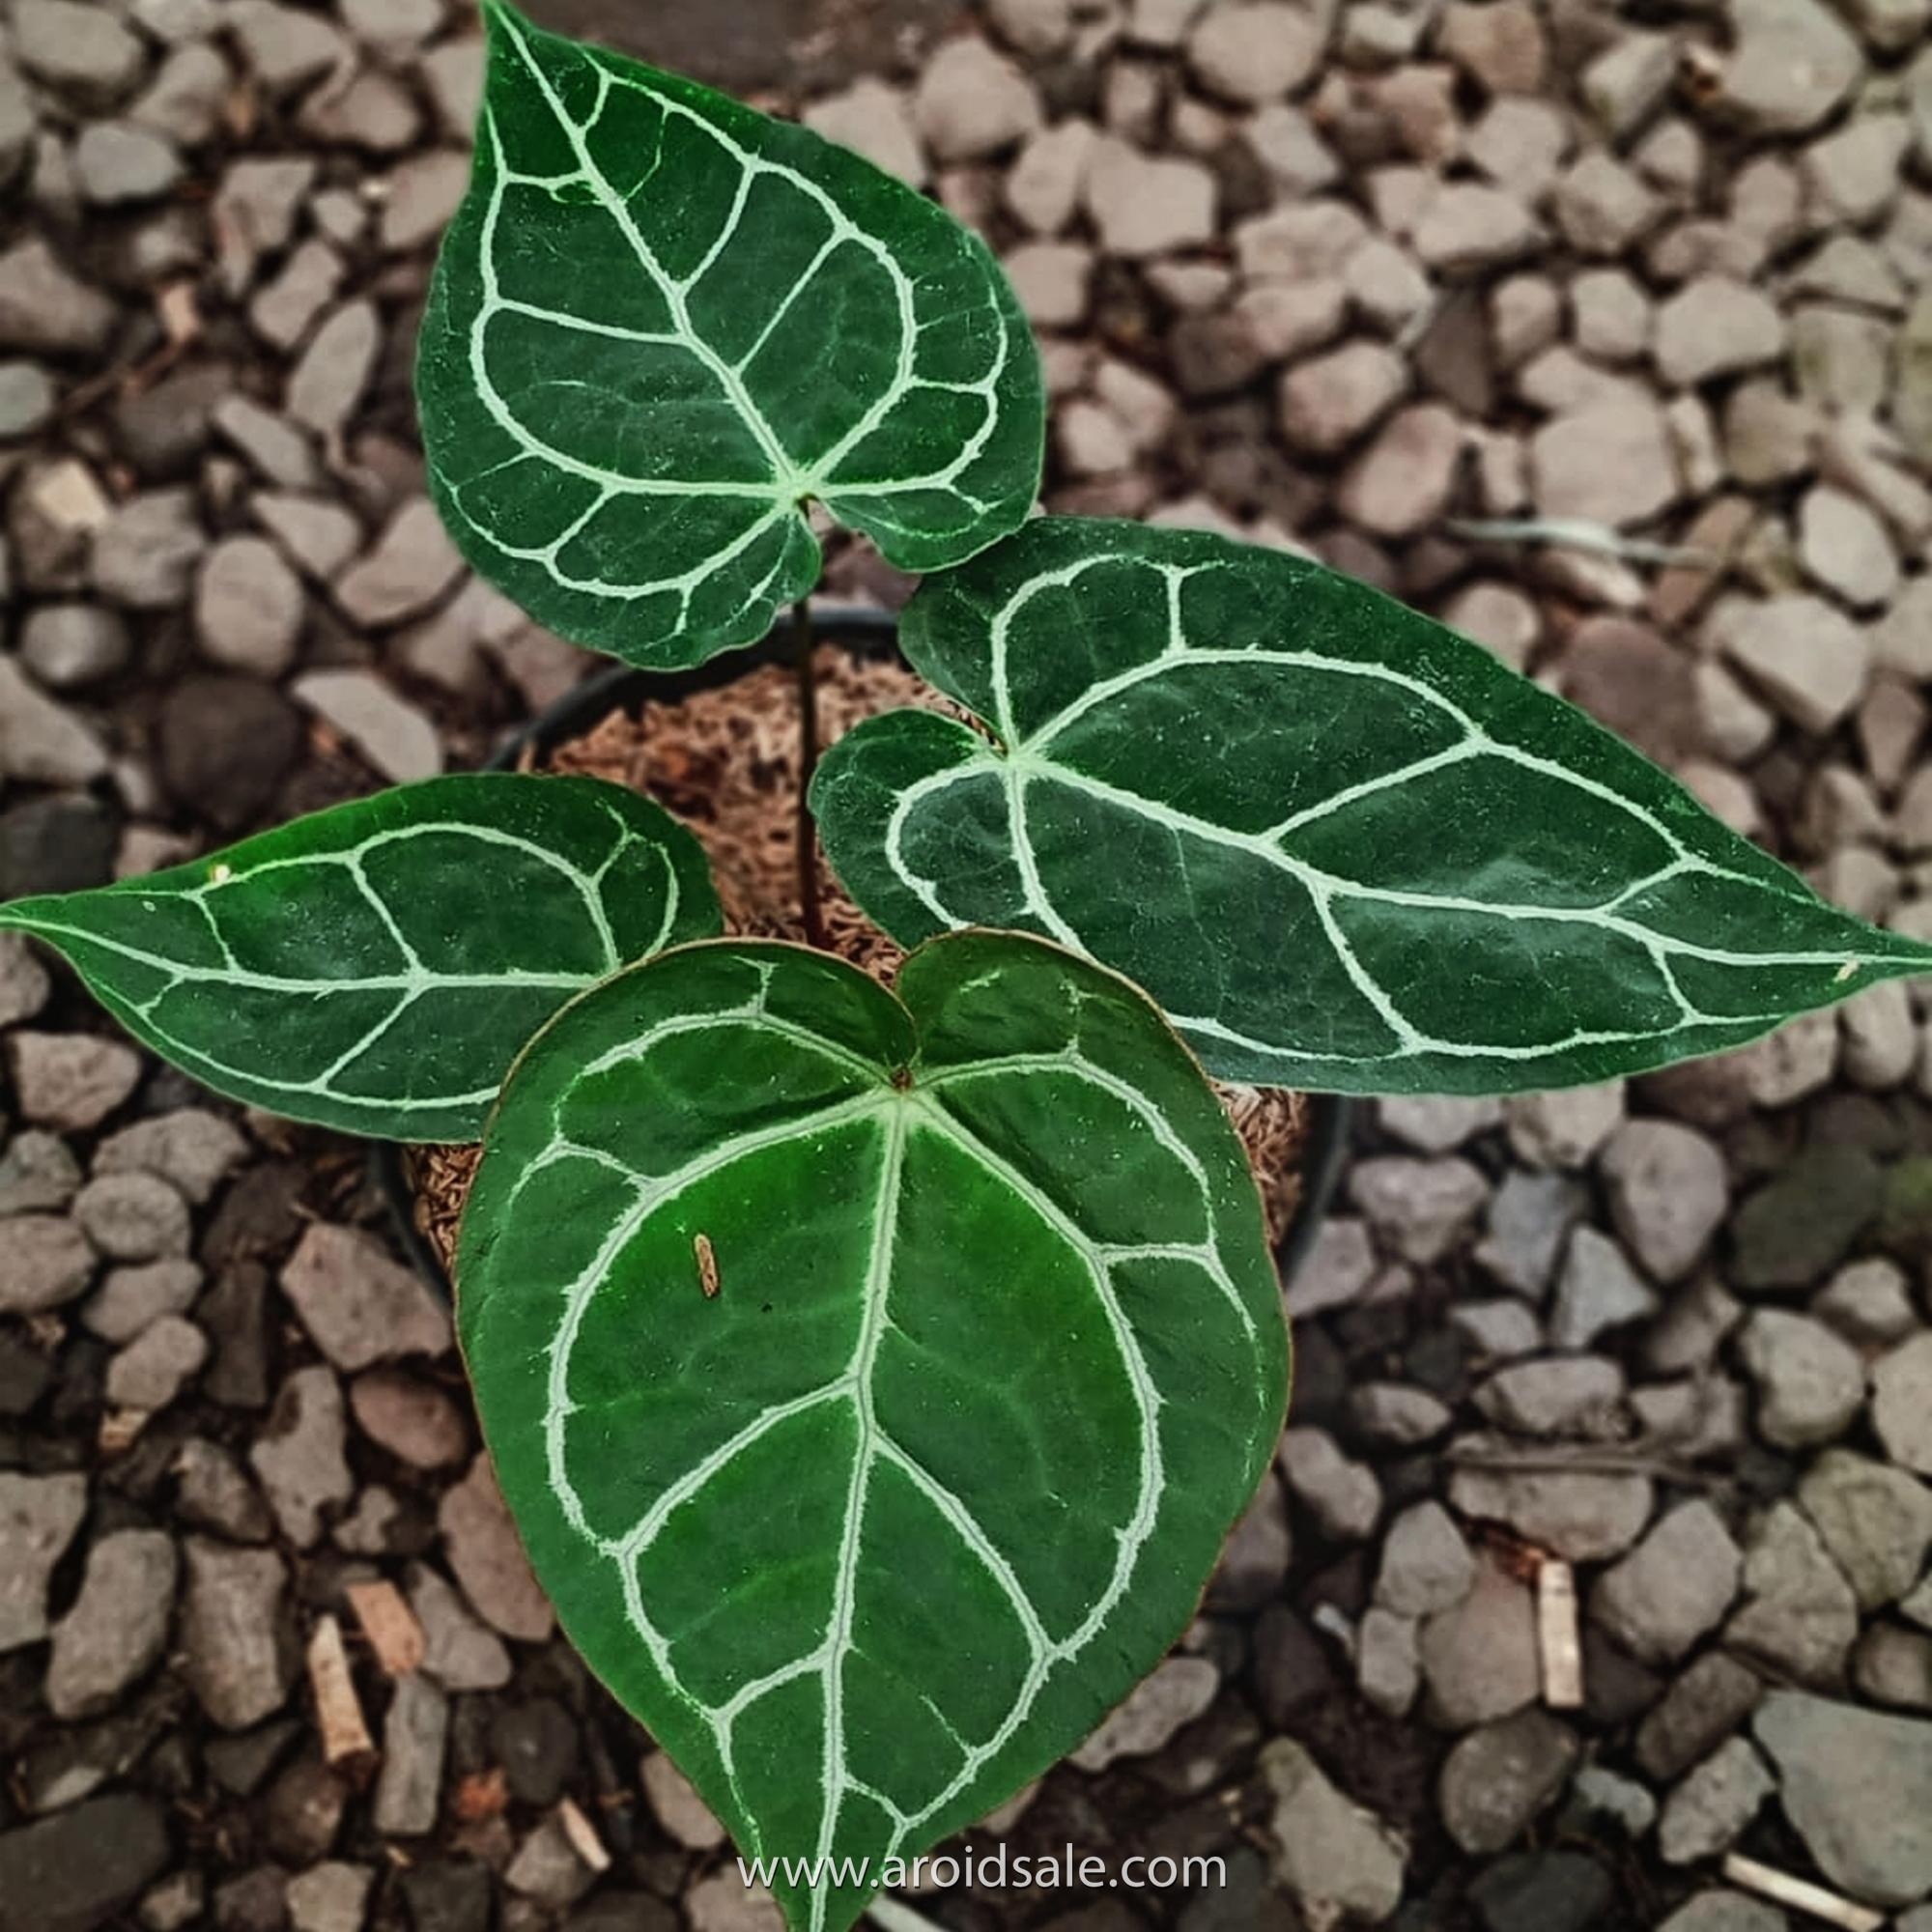 Anthurium Crystallinum, plants seller, plants shop, plants store, for sale, wholesale, plants supplier